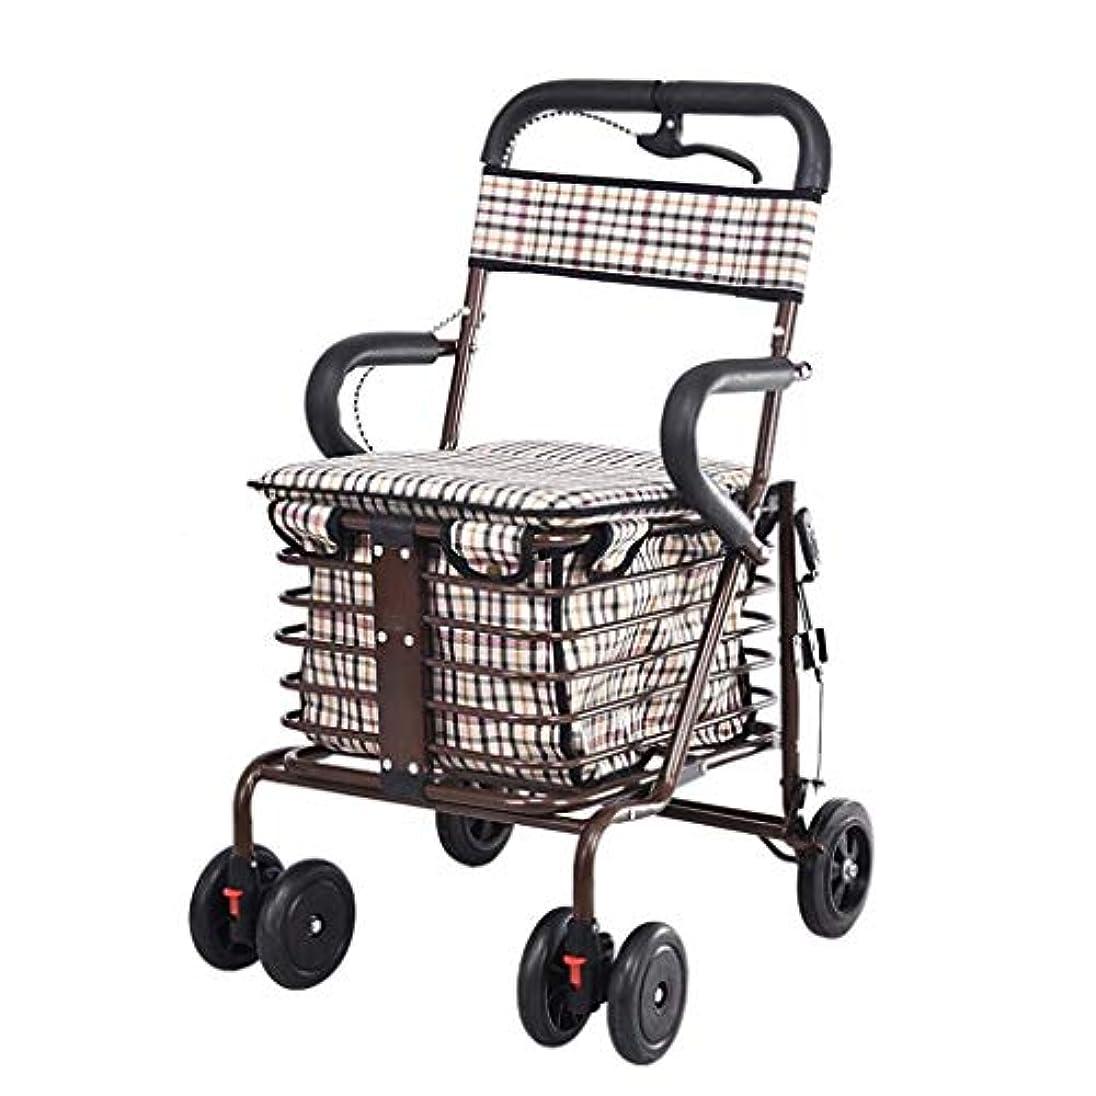 だらしない発掘再生的四輪歩行者、トロリー折りたたみショッピングカート軽量アルミニウム老人ベビーカー (Color : Color1)